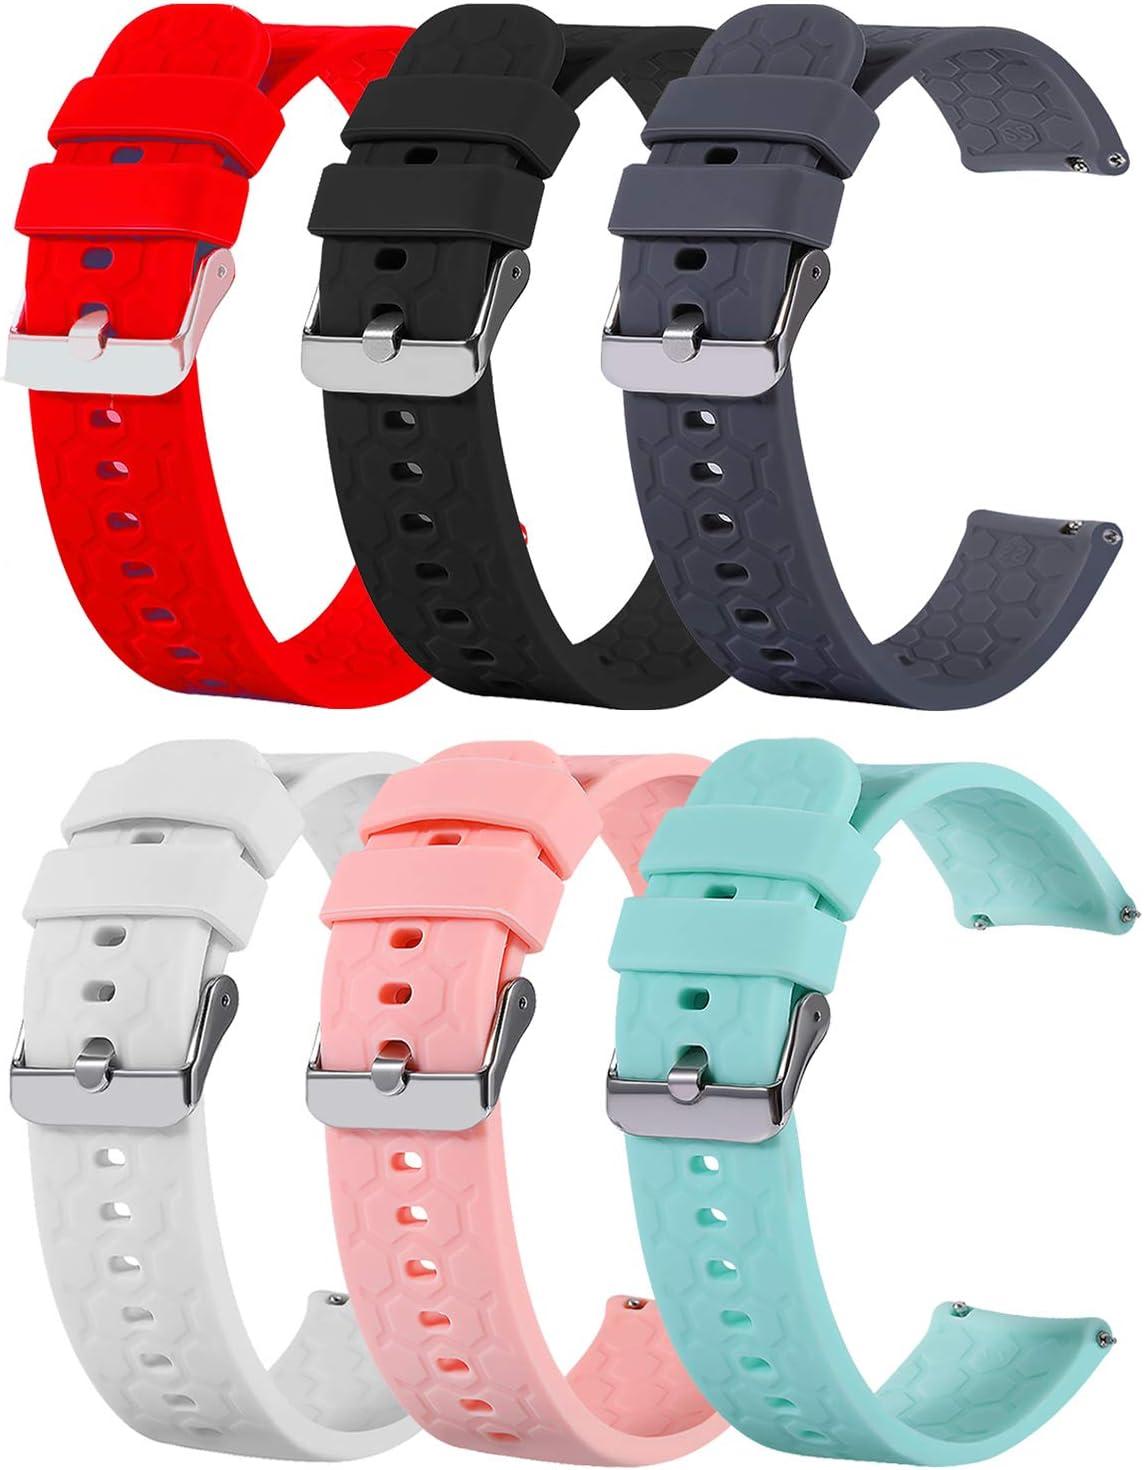 Ruentech - Correa de Silicona Compatible con Garmin Vivoactive 4S/Vivomove 3S Compatible con Vivoactive 4S/Vivomove 3S GPS Smartwatch Wristband Accessories